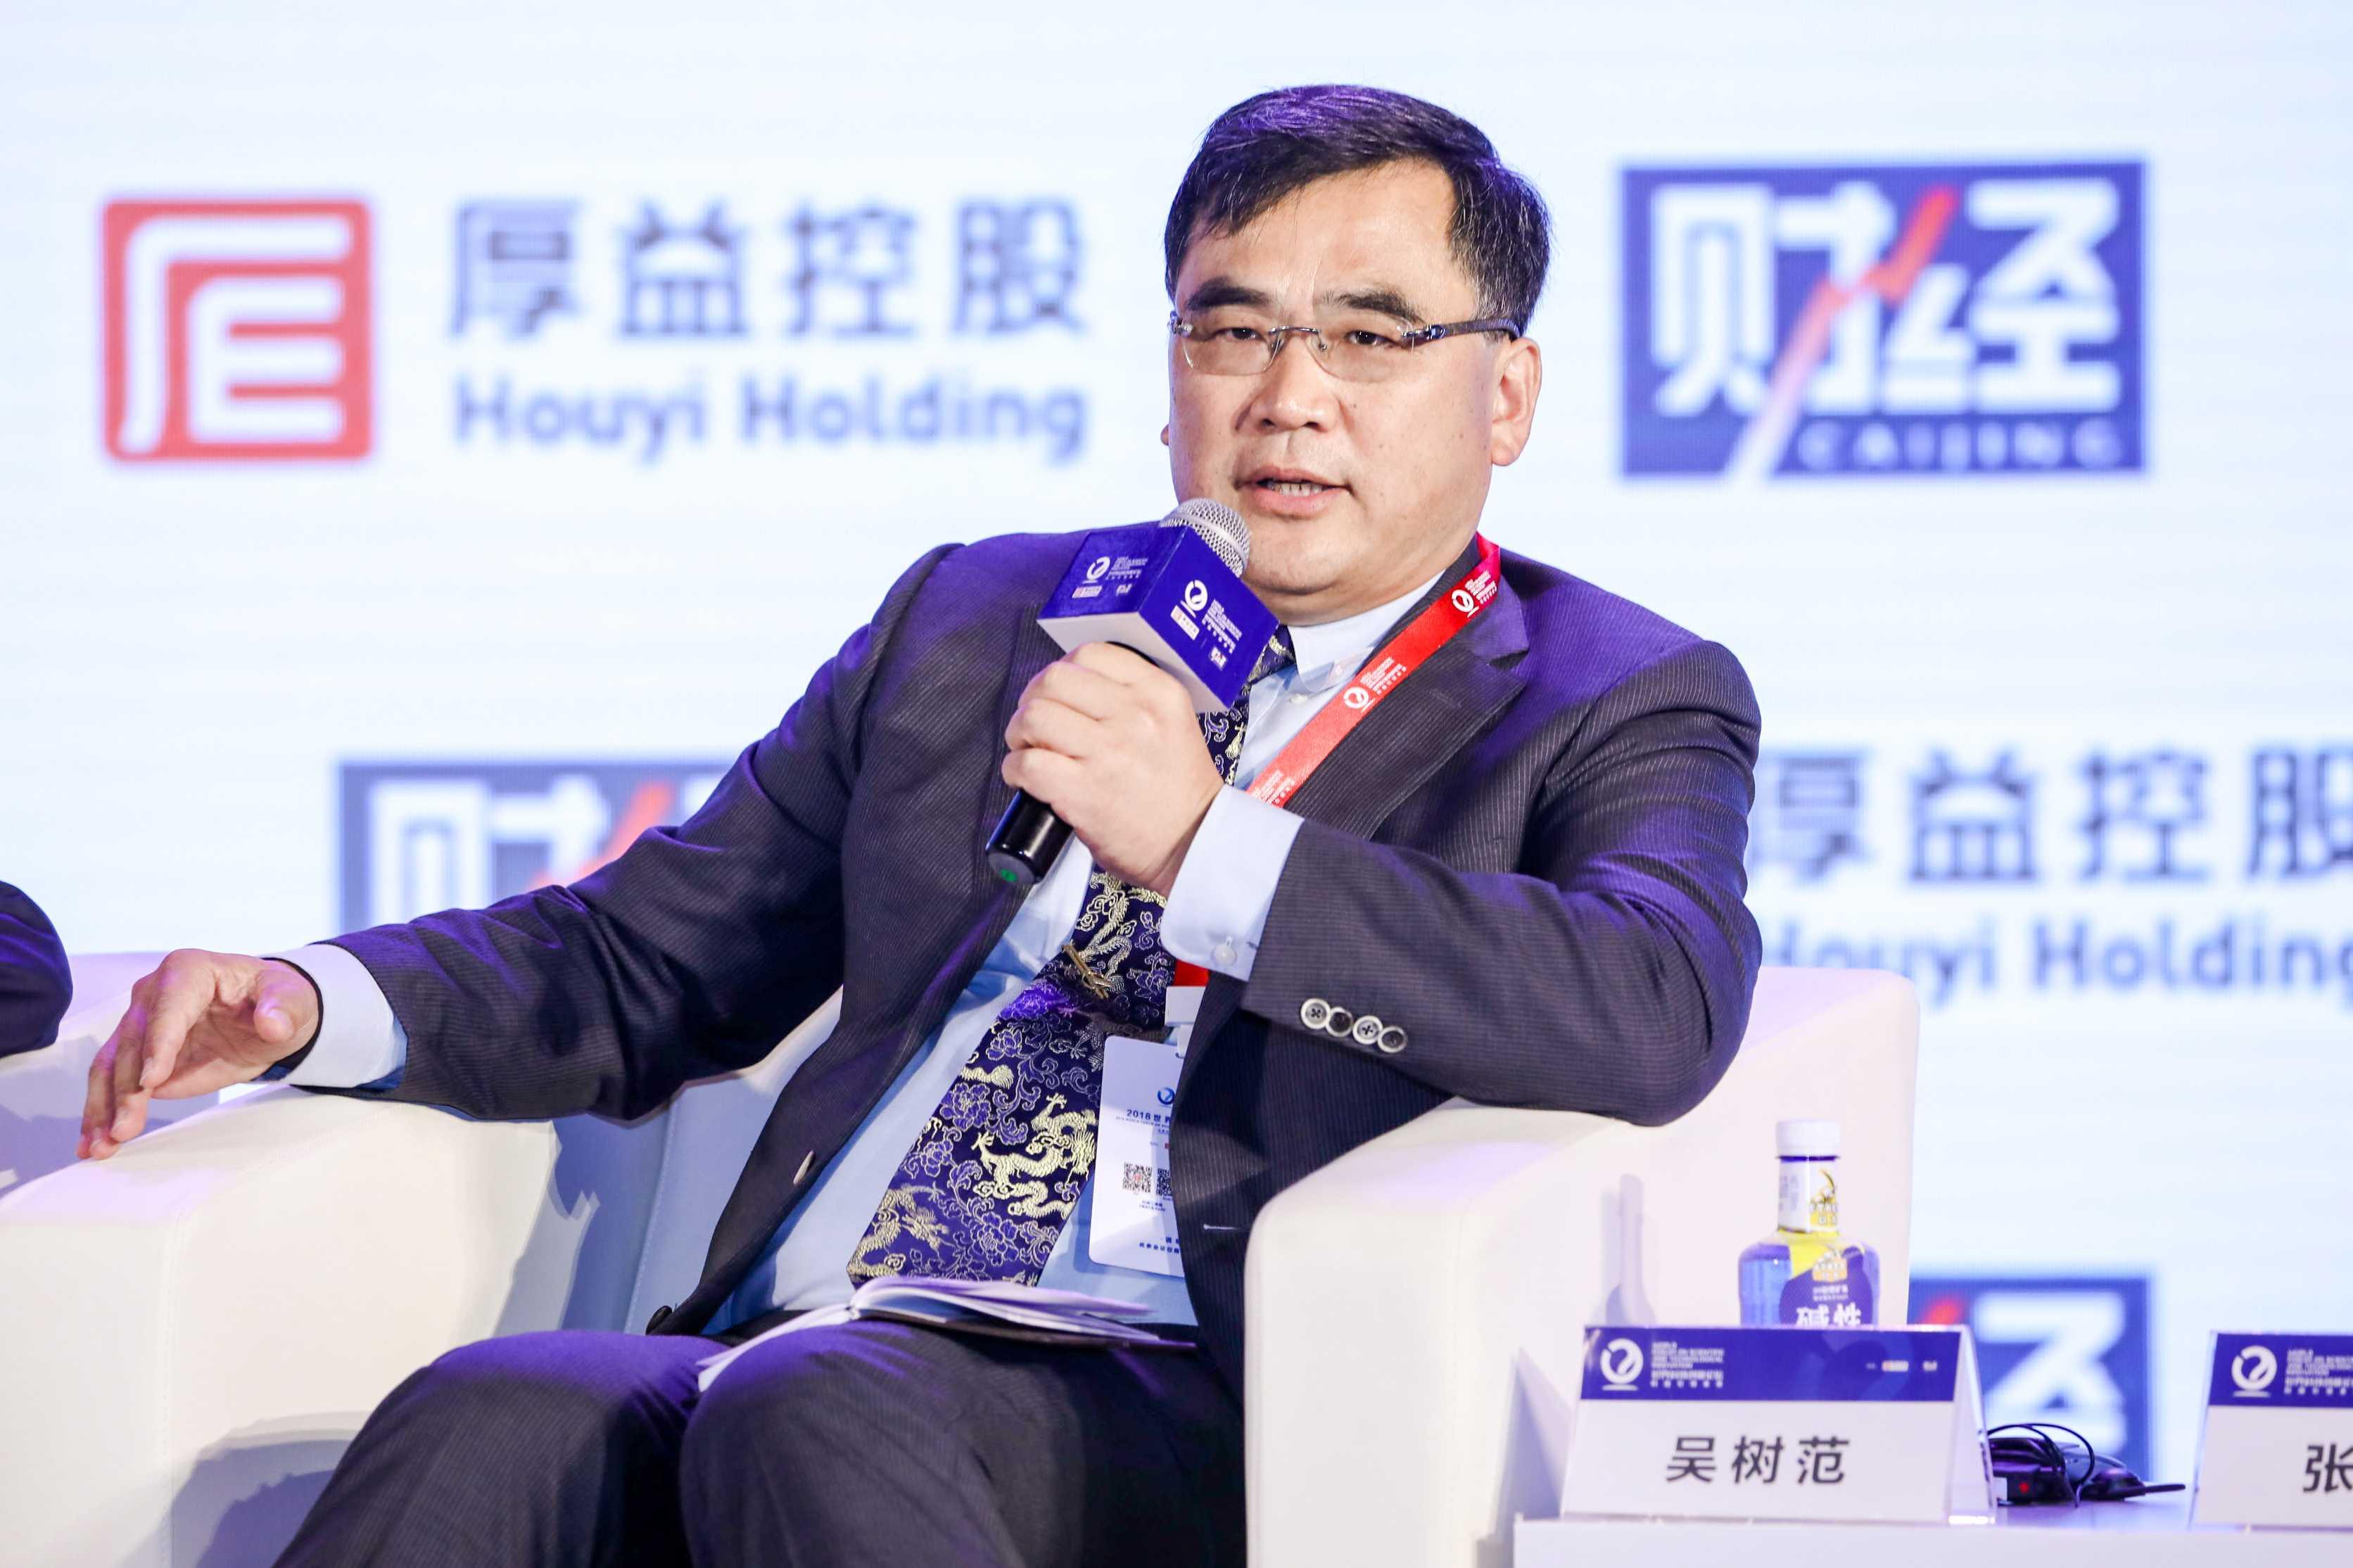 吴树范,上海交大航空航天学院常务副院长